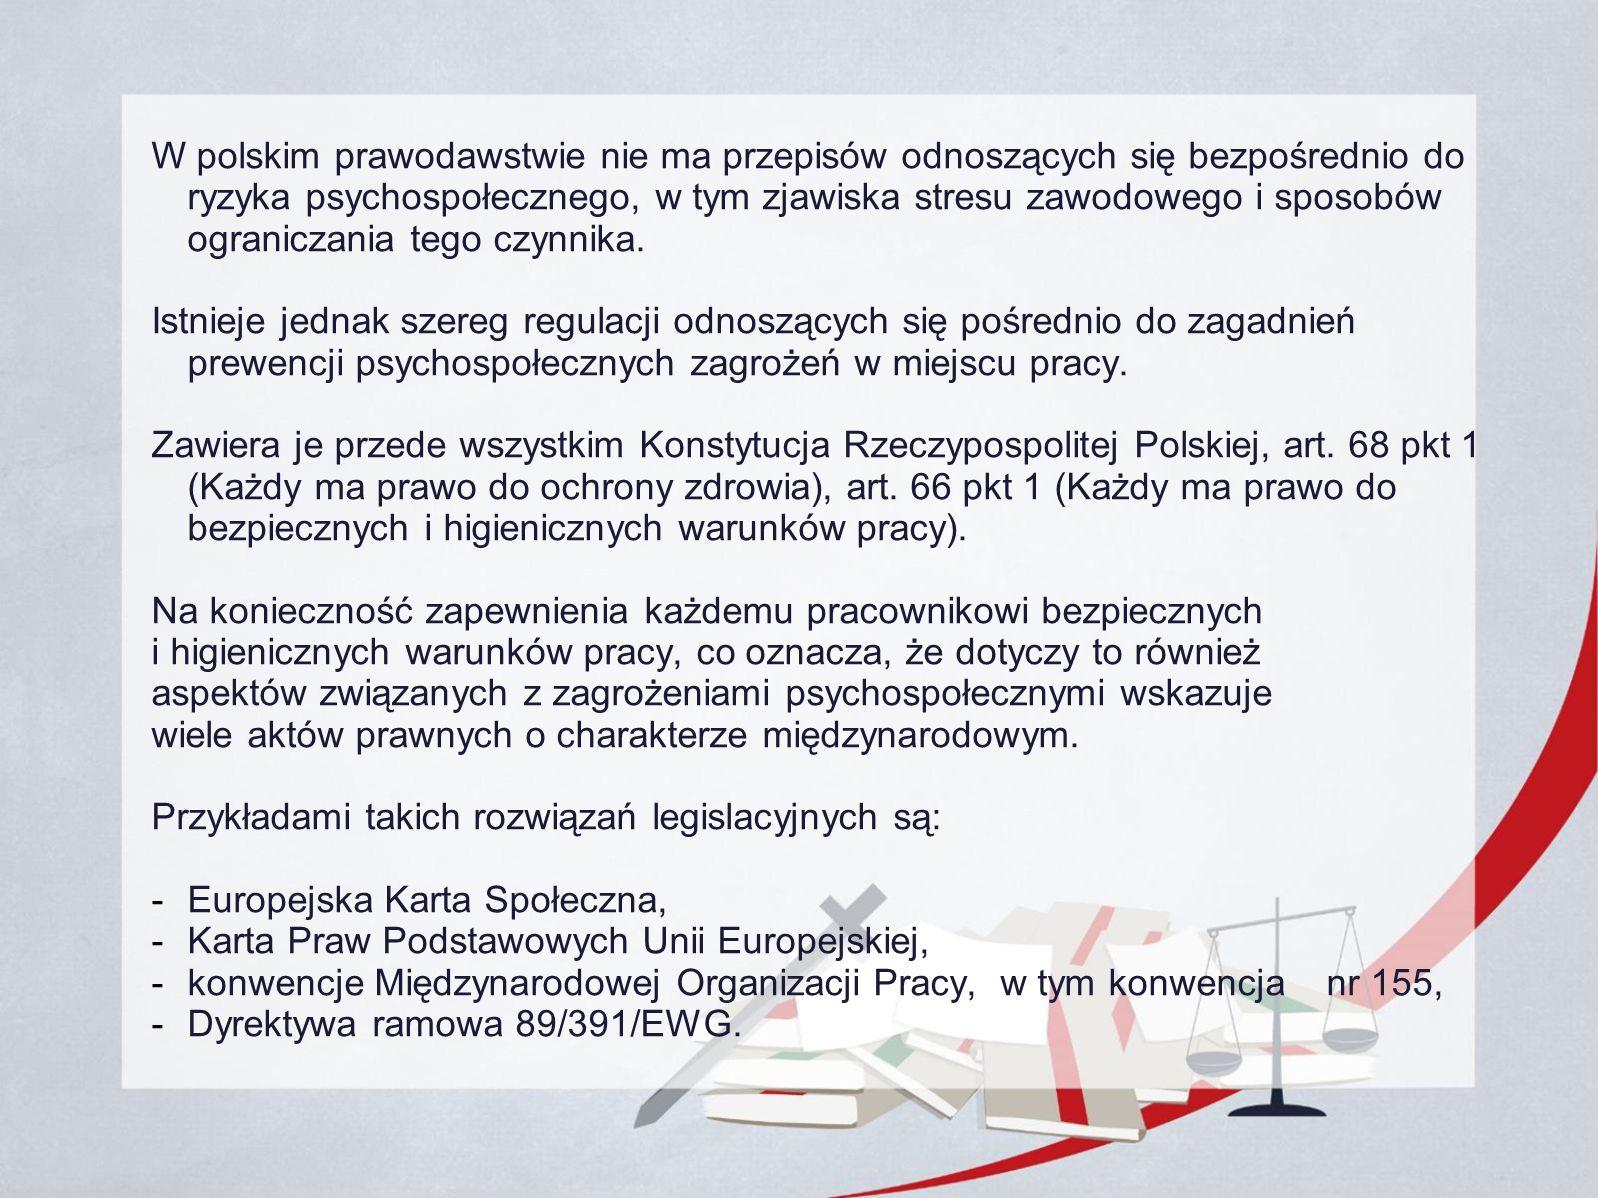 W polskim prawodawstwie nie ma przepisów odnoszących się bezpośrednio do ryzyka psychospołecznego, w tym zjawiska stresu zawodowego i sposobów ograniczania tego czynnika.